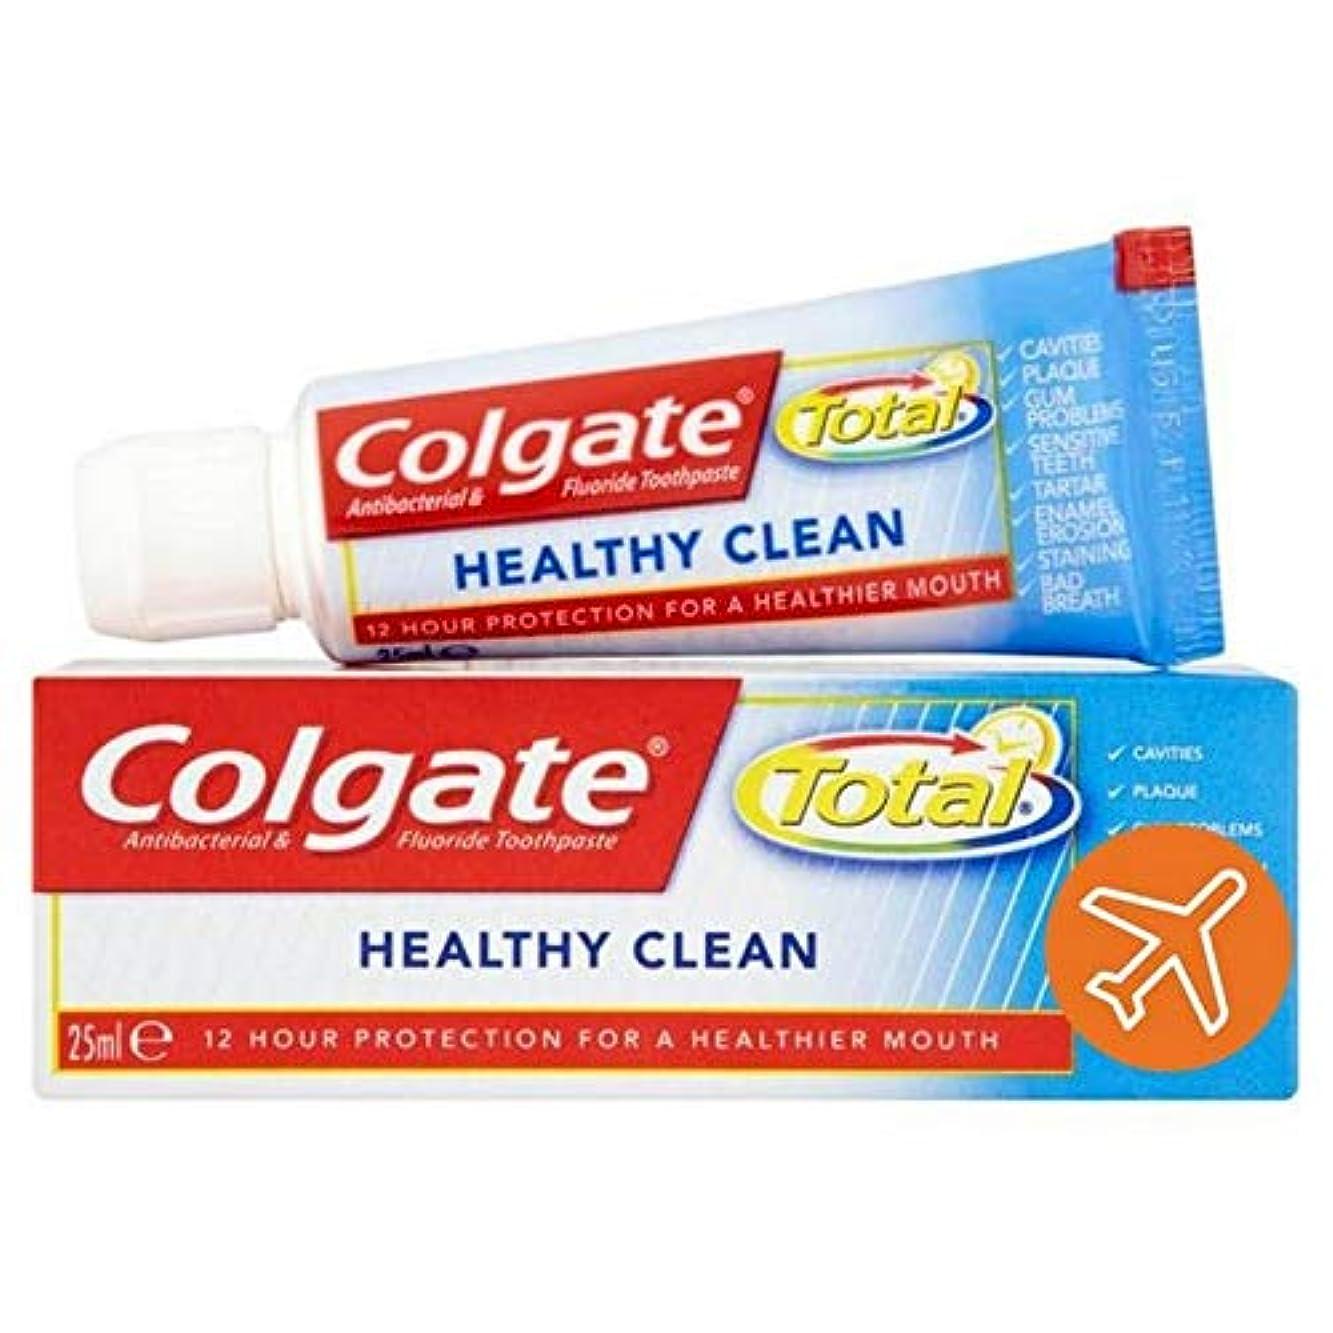 差別安全性間違えた[Colgate ] コルゲートトータル健康クリーントラベルサイズの歯磨き粉25ミリリットル - Colgate Total Healthy Clean Travel Size Toothpaste 25ml [並行輸入品]